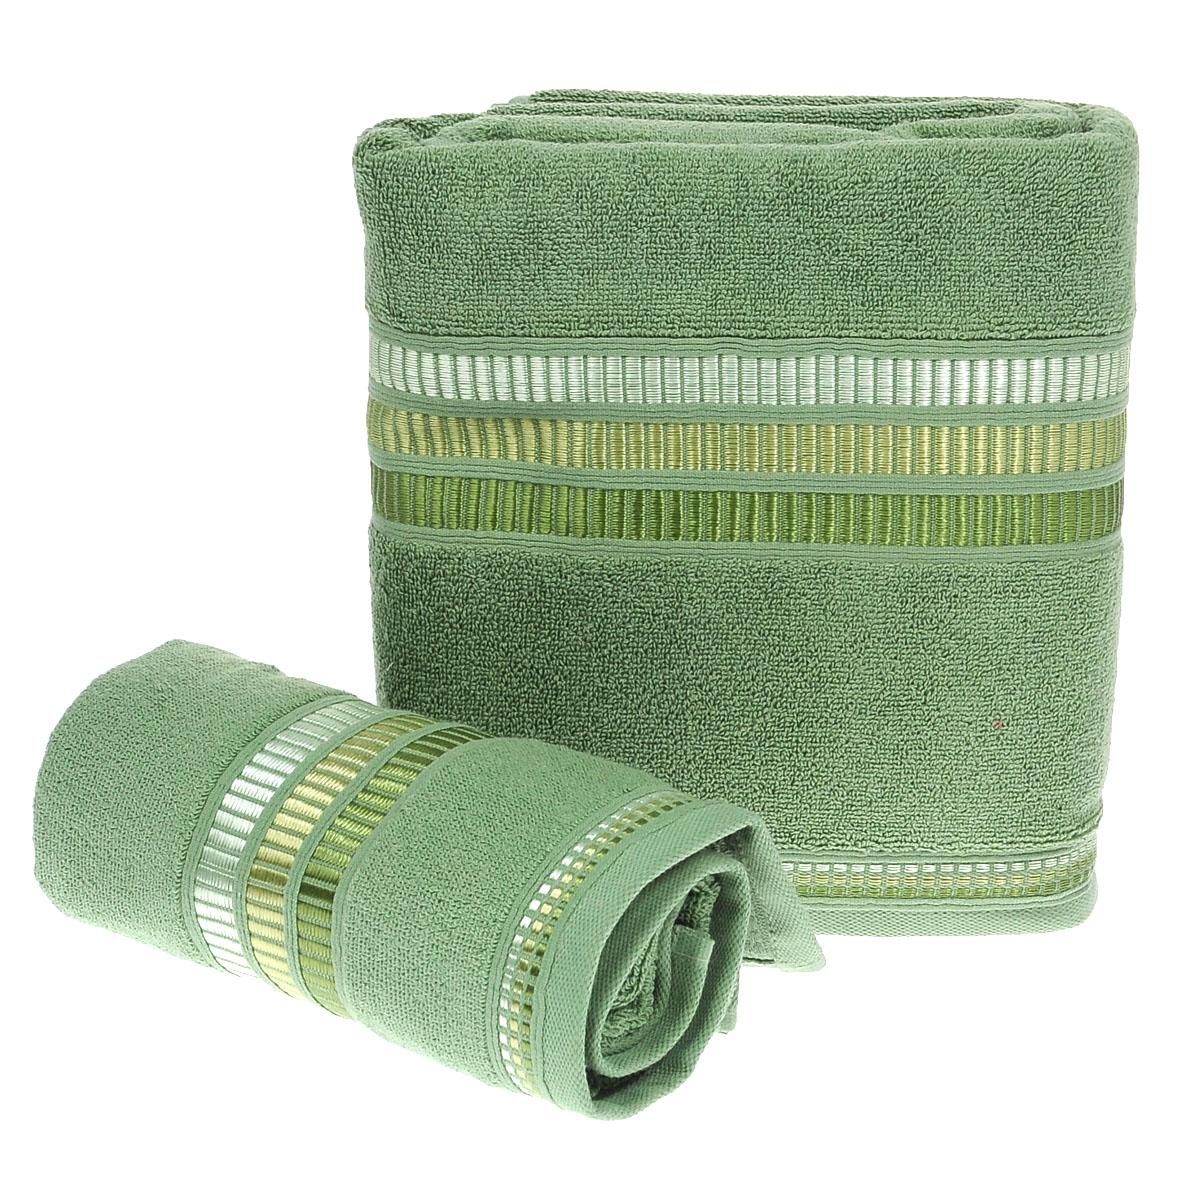 Набор махровых полотенец Coronet Пиано, цвет: зеленый, 2 шт. Б-МП-2020-15-05-сБ-МП-2020-15-05-сПодарочный набор Coronet Пиано состоит из двух полотенец разного размера, выполненных из натуральной махровой ткани. Полотенца украшены изящным декоративным тиснением. Мягкие и уютные, они прекрасно впитывают влагу и легко стираются. Такой набор подарит вам мягкость и необыкновенный комфорт в использовании. Благодаря высокому качеству изготовления, полотенце будет радовать многие годы. Полотенца упакованы в подарочную коробку и станут приятным и полезным подарком вашим друзьям и близким. Комплектация: 2 шт. Плотность полотенец 550 г/м.